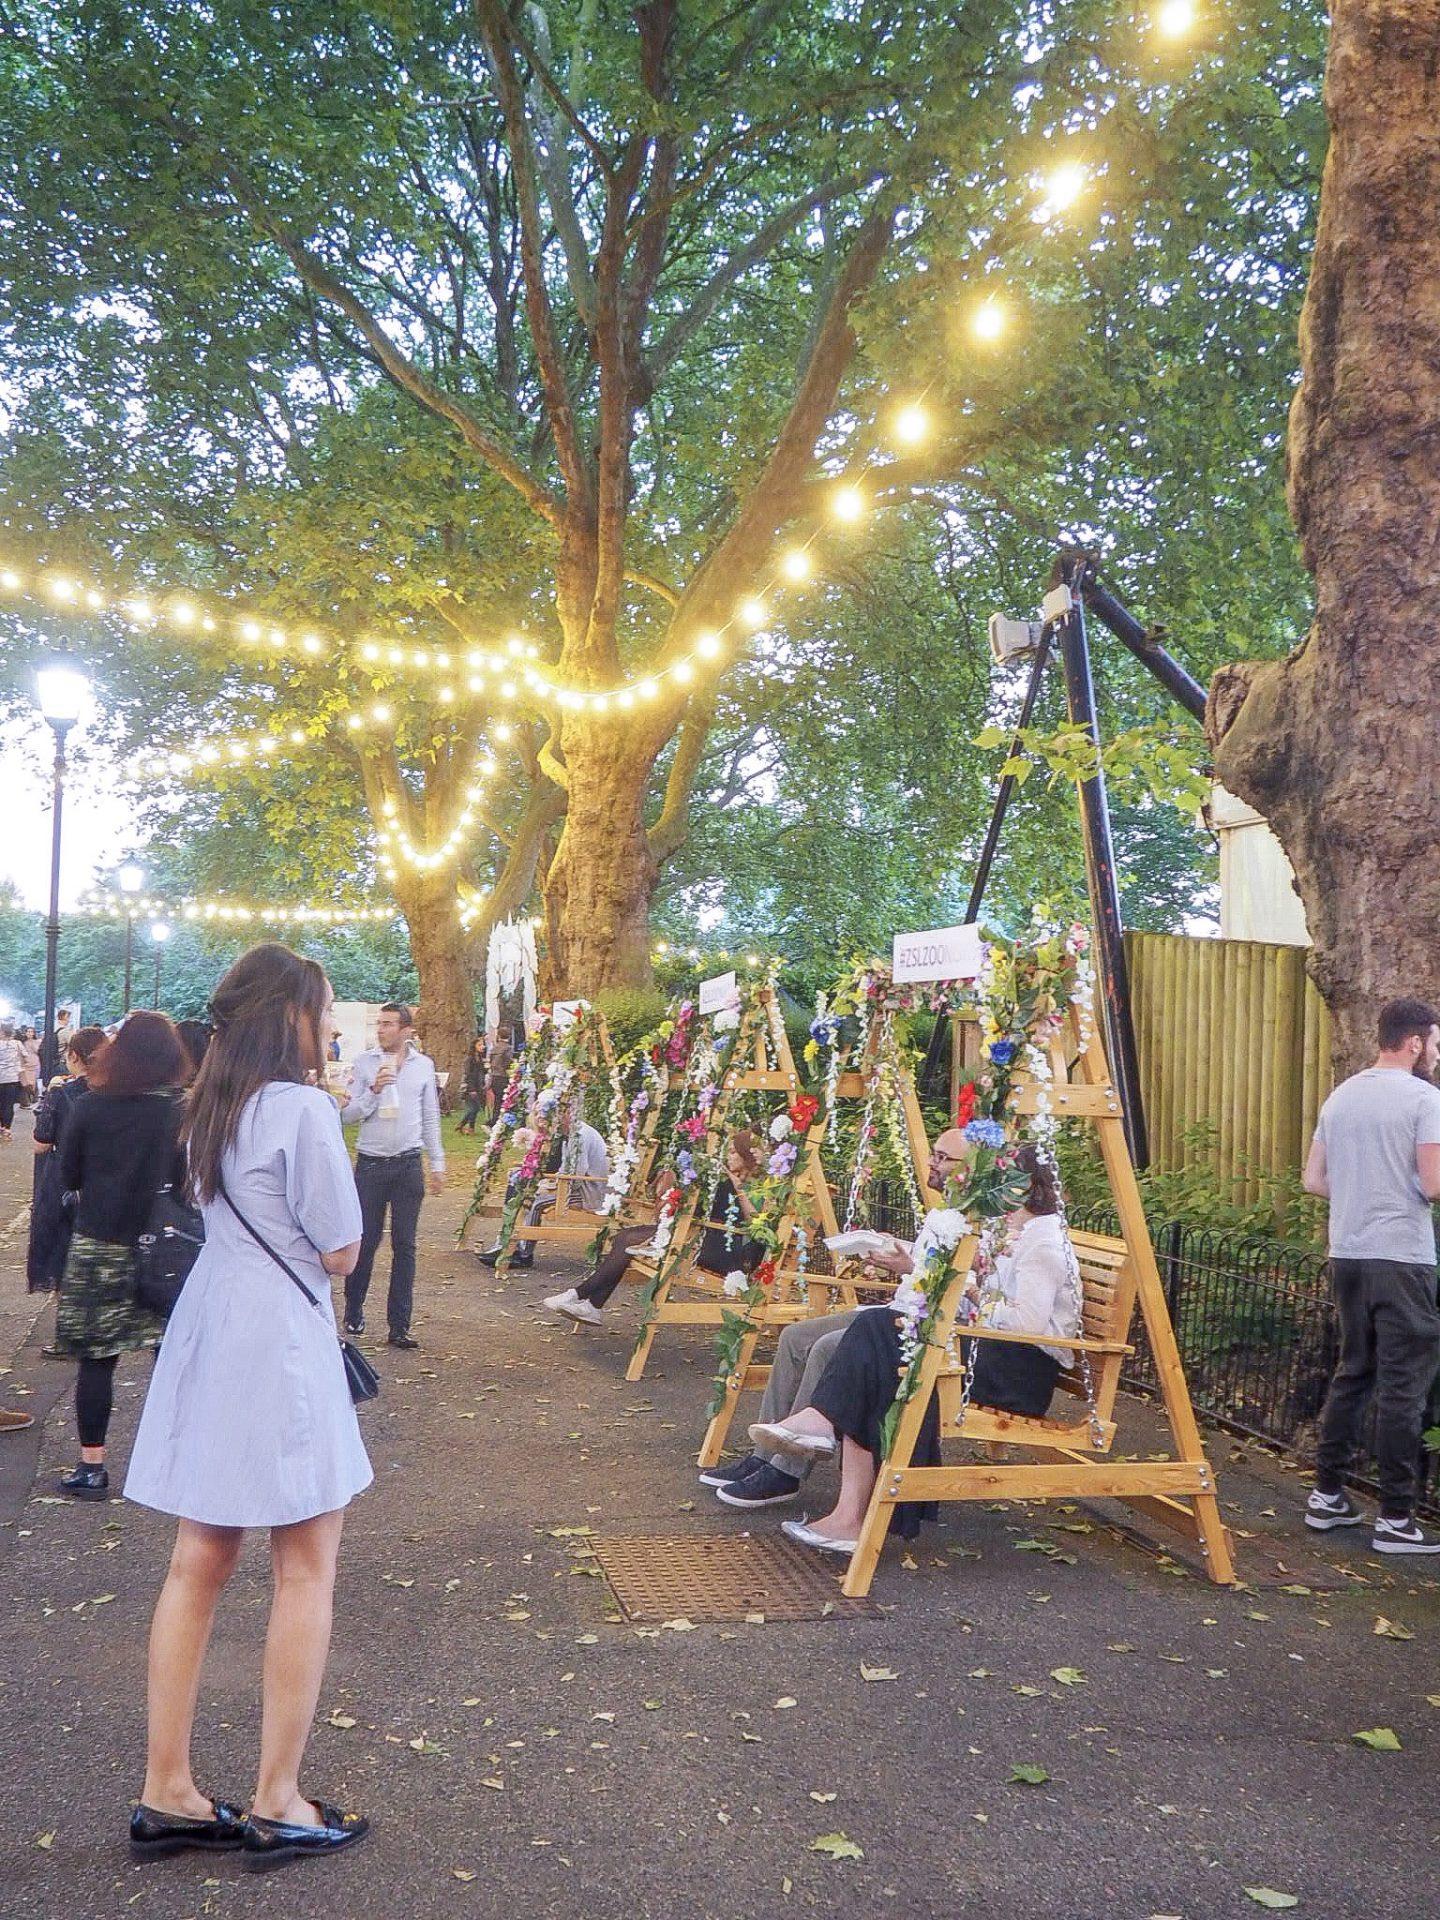 Zoo Nights at ZSL London